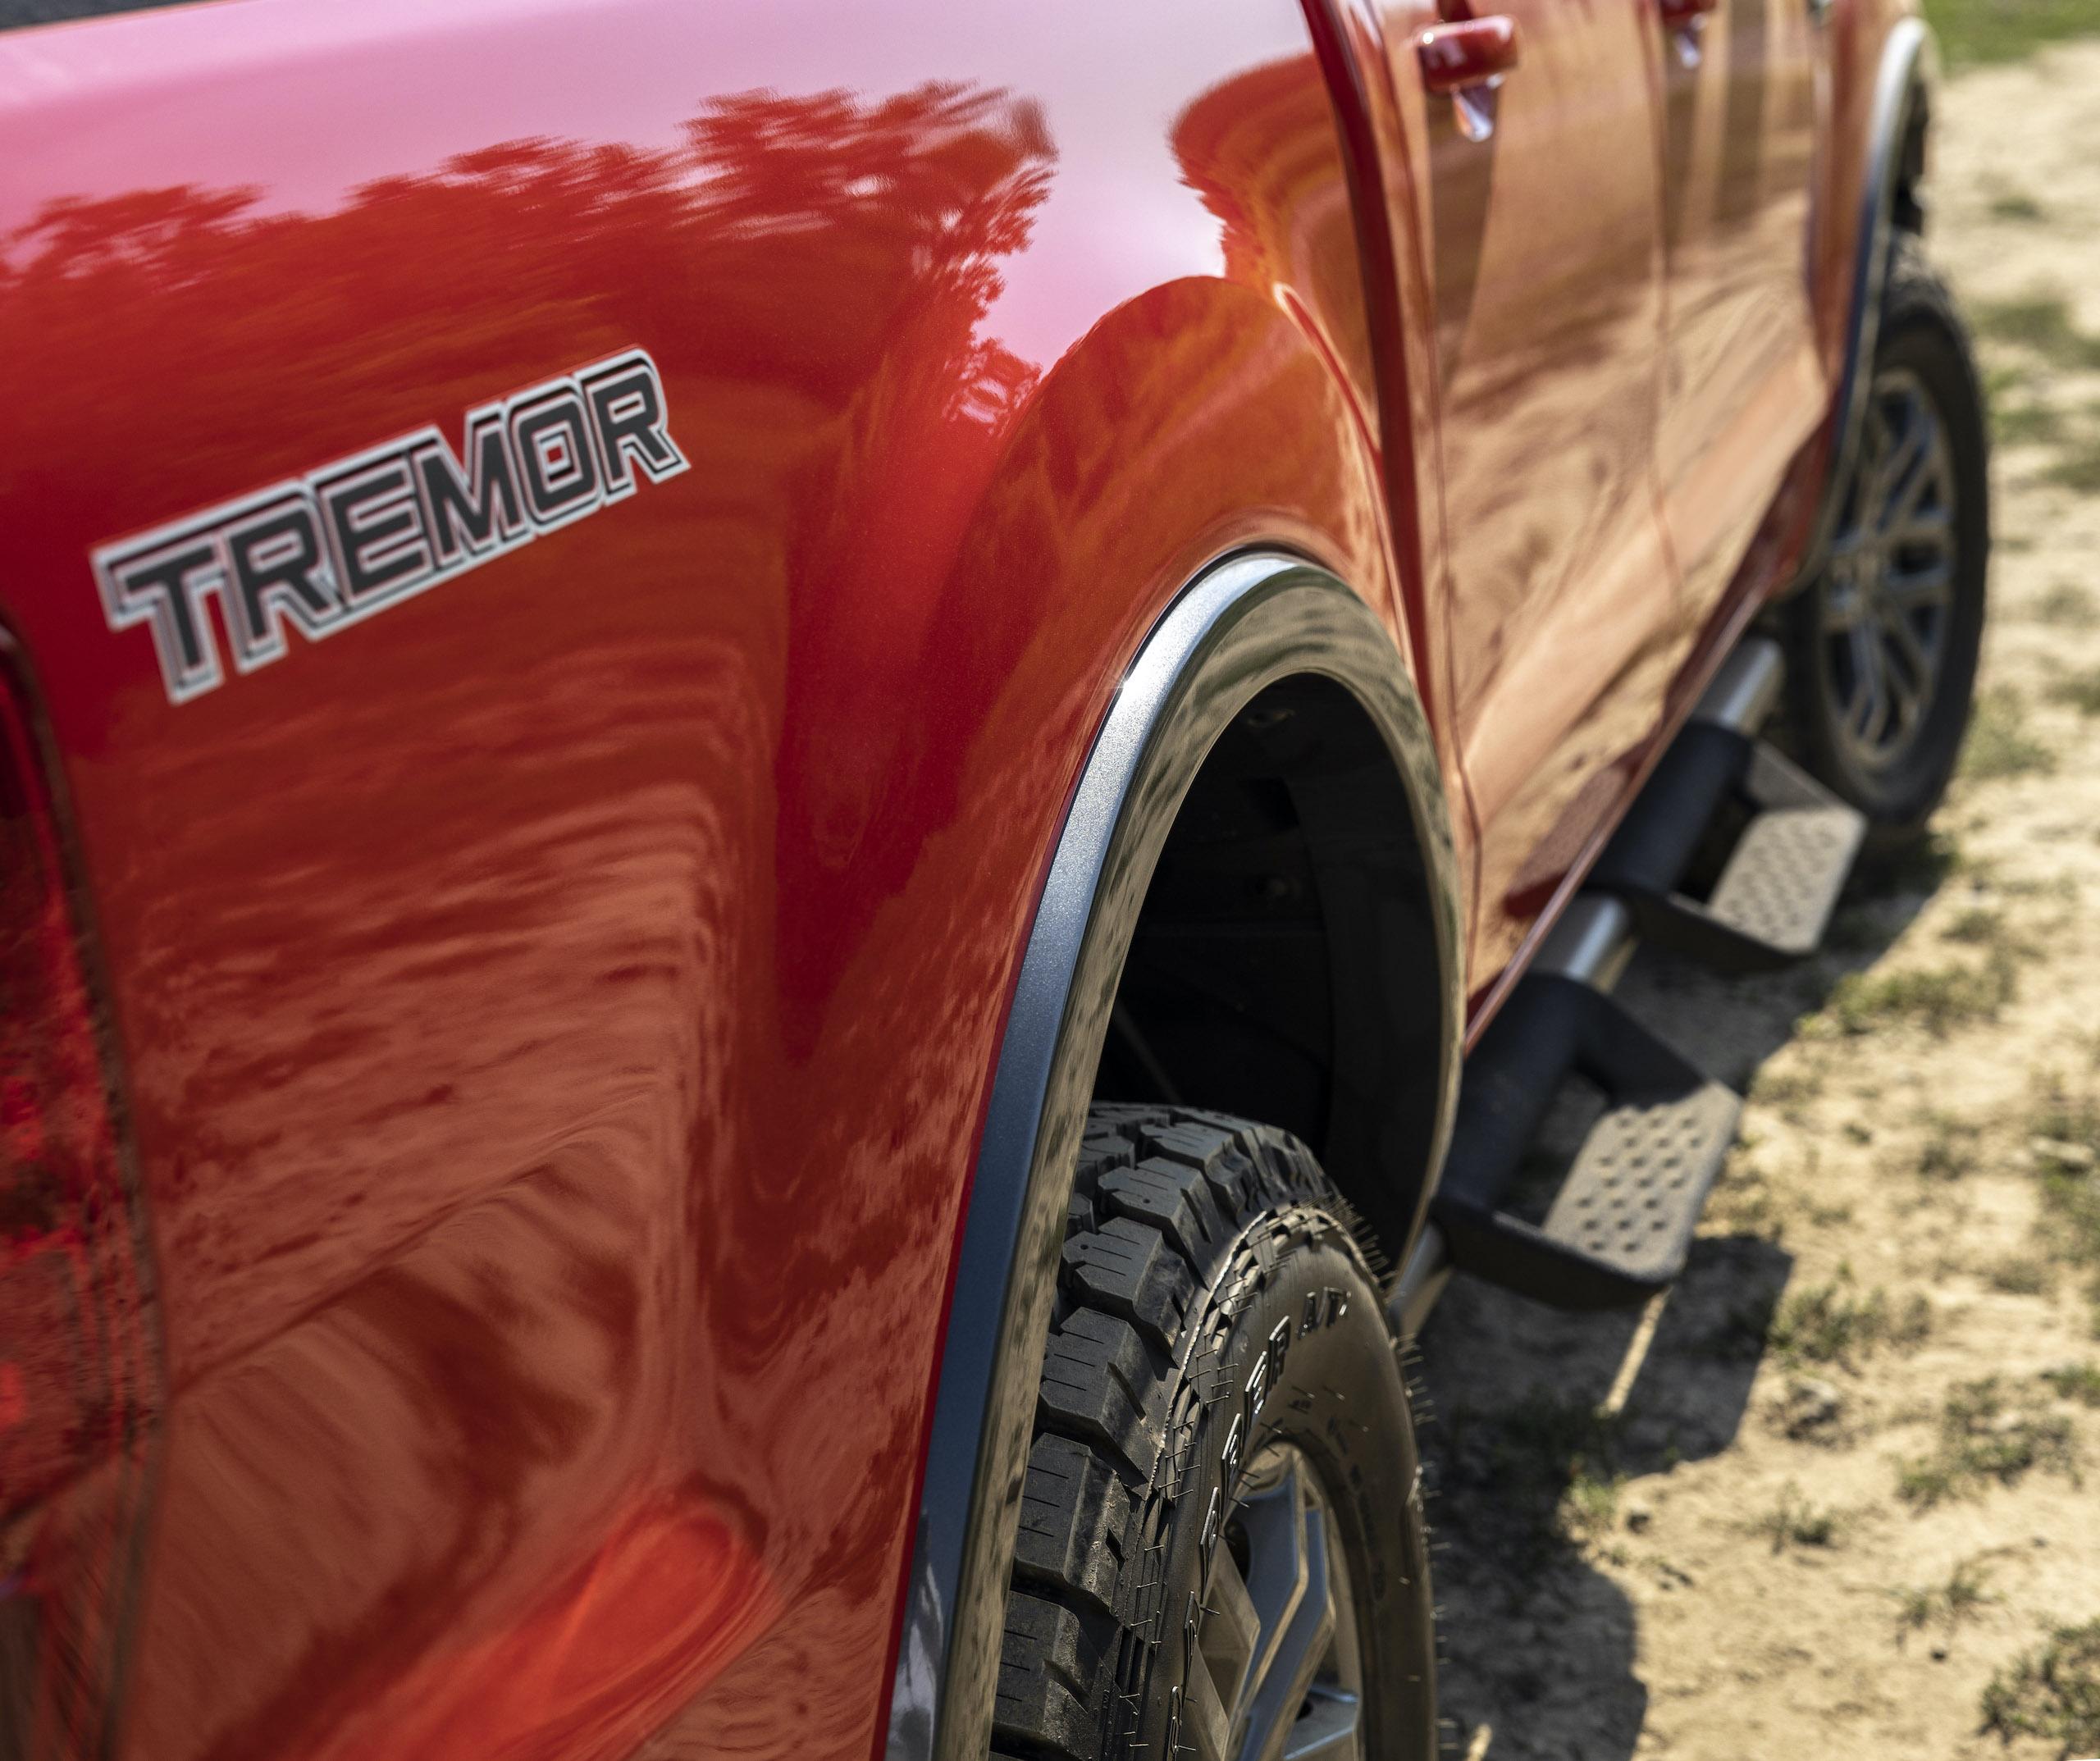 Ranger Tremor Lariat rear quarter panel tremor logo